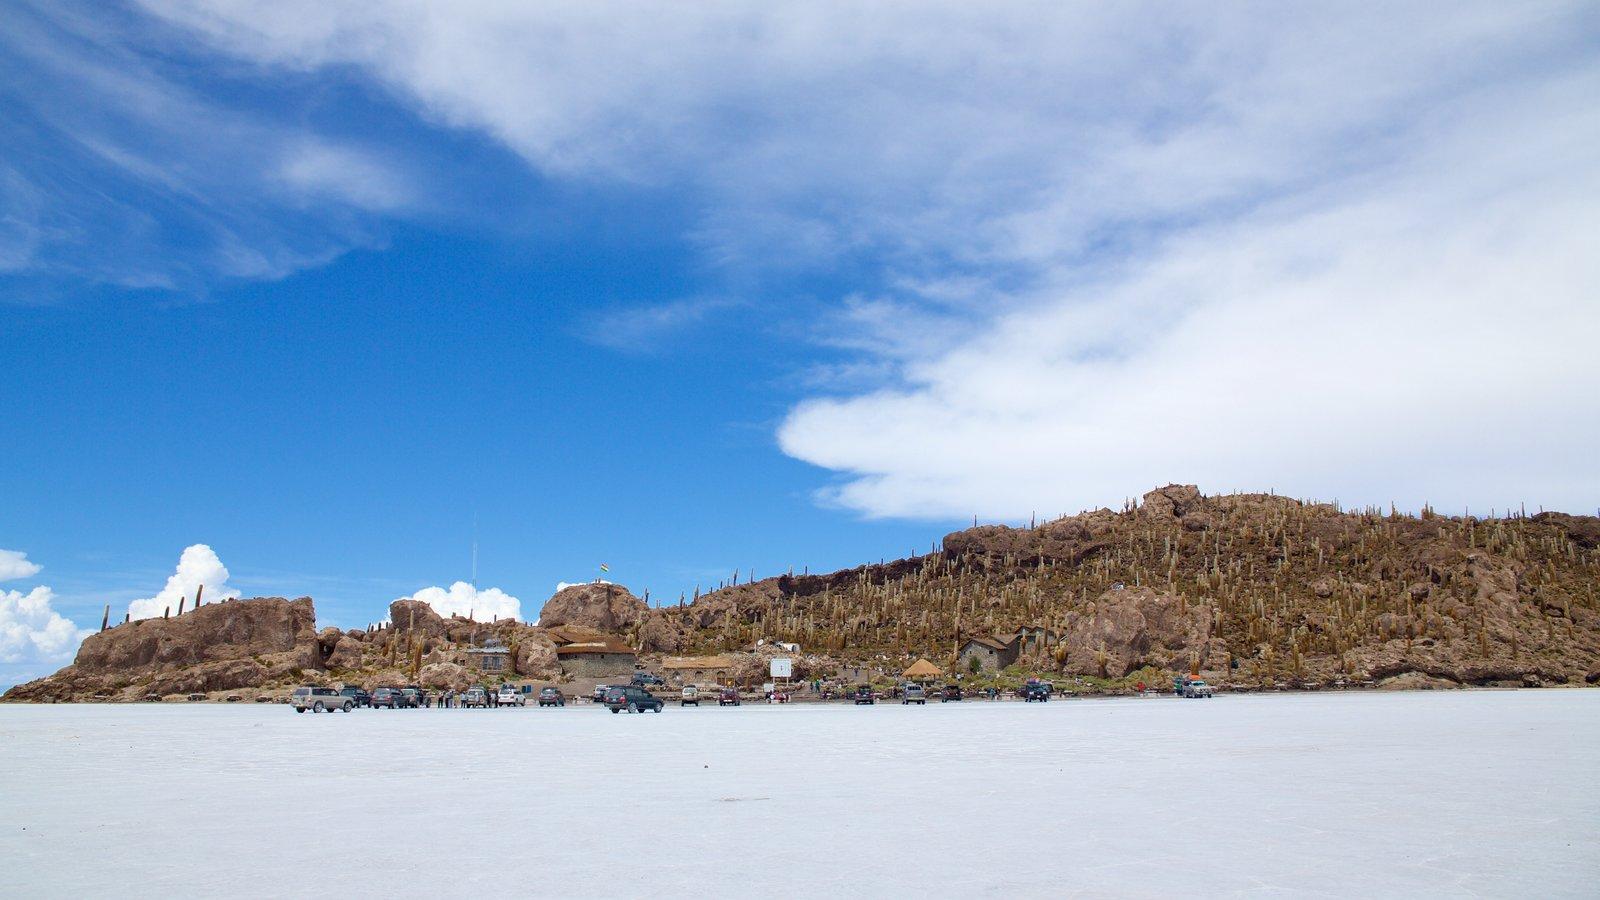 Salar de Uyuni mostrando paisagem e cenas tranquilas